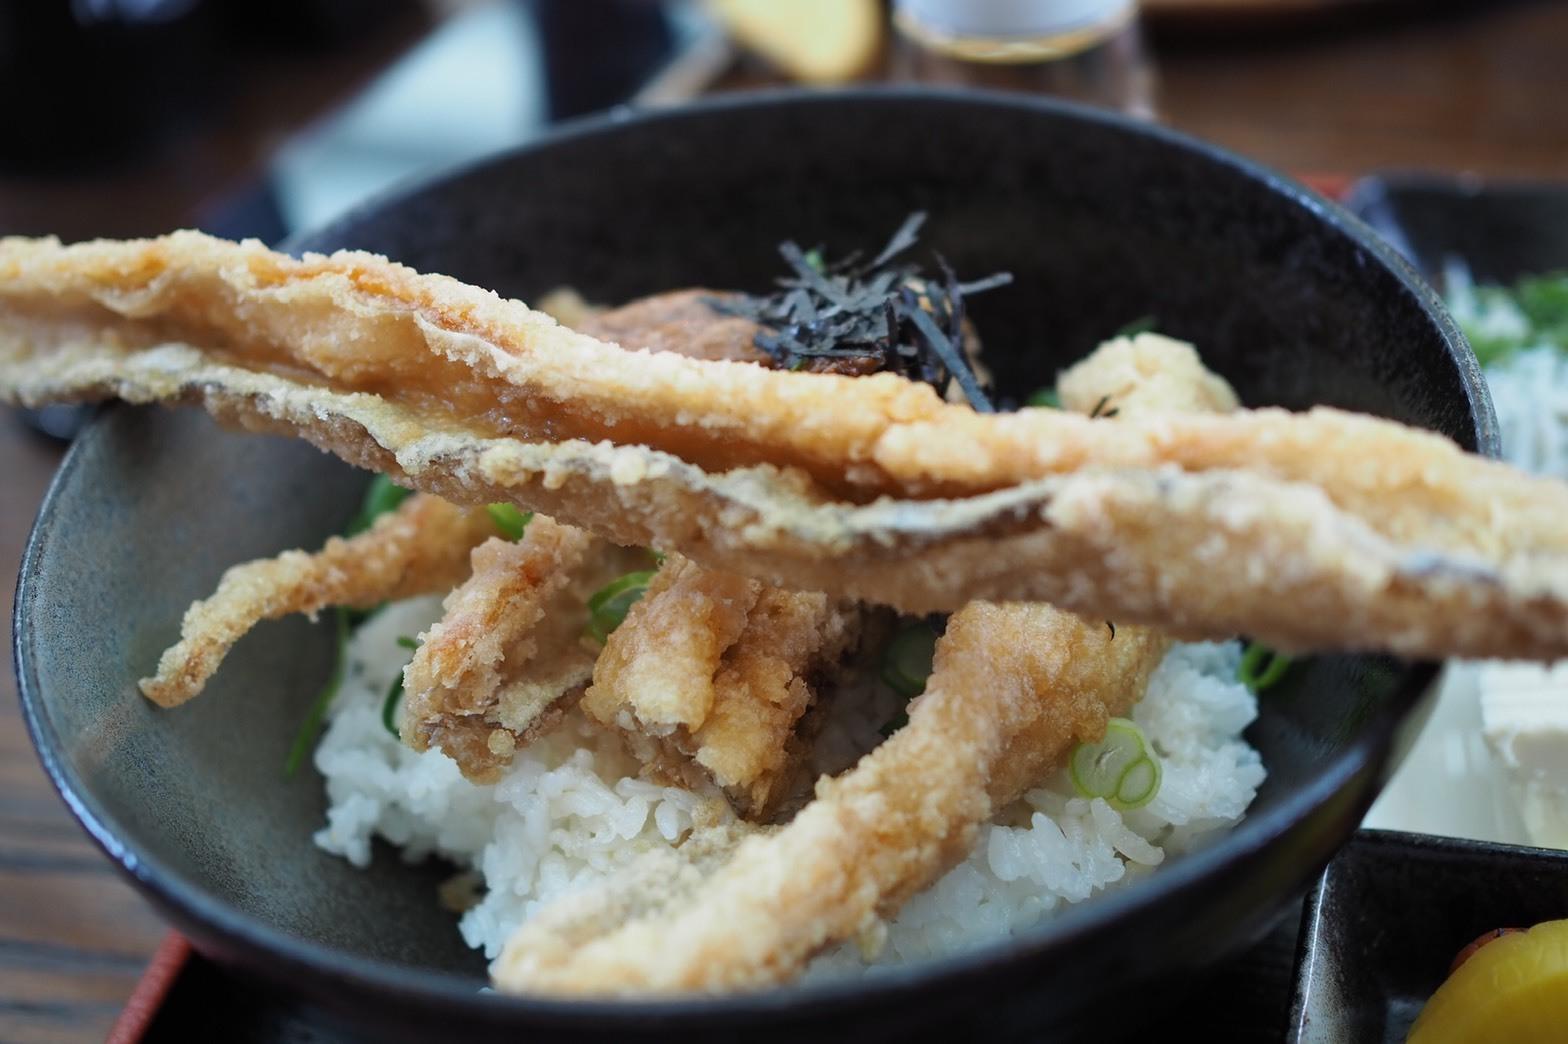 和歌山 有田市 テラスカフェライスフィールド 太刀魚のからあげ丼 唐揚げ 和歌山グルメ 美味い デカい 長い